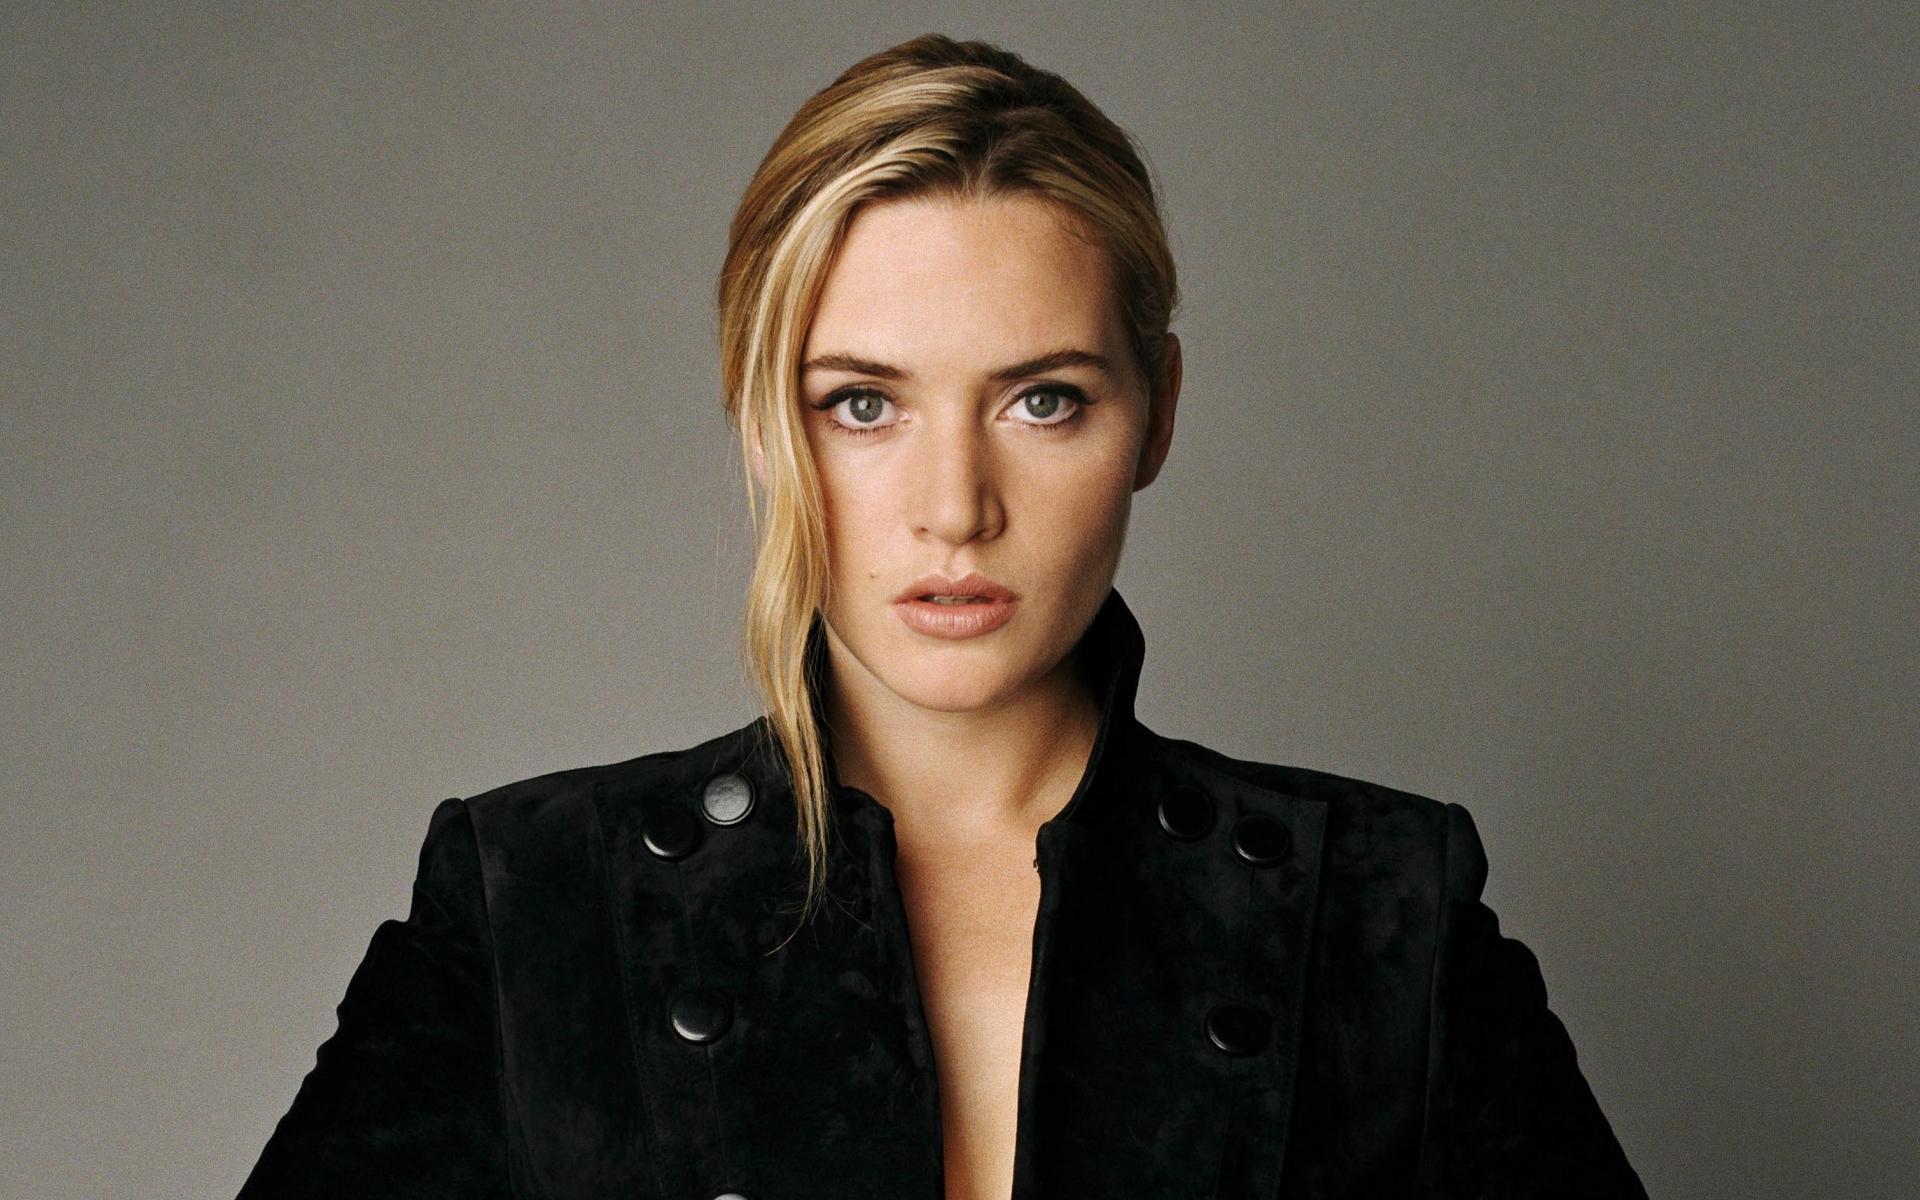 El revelador discurso de Kate Winslet sobre el 'bulling' en su adolescencia